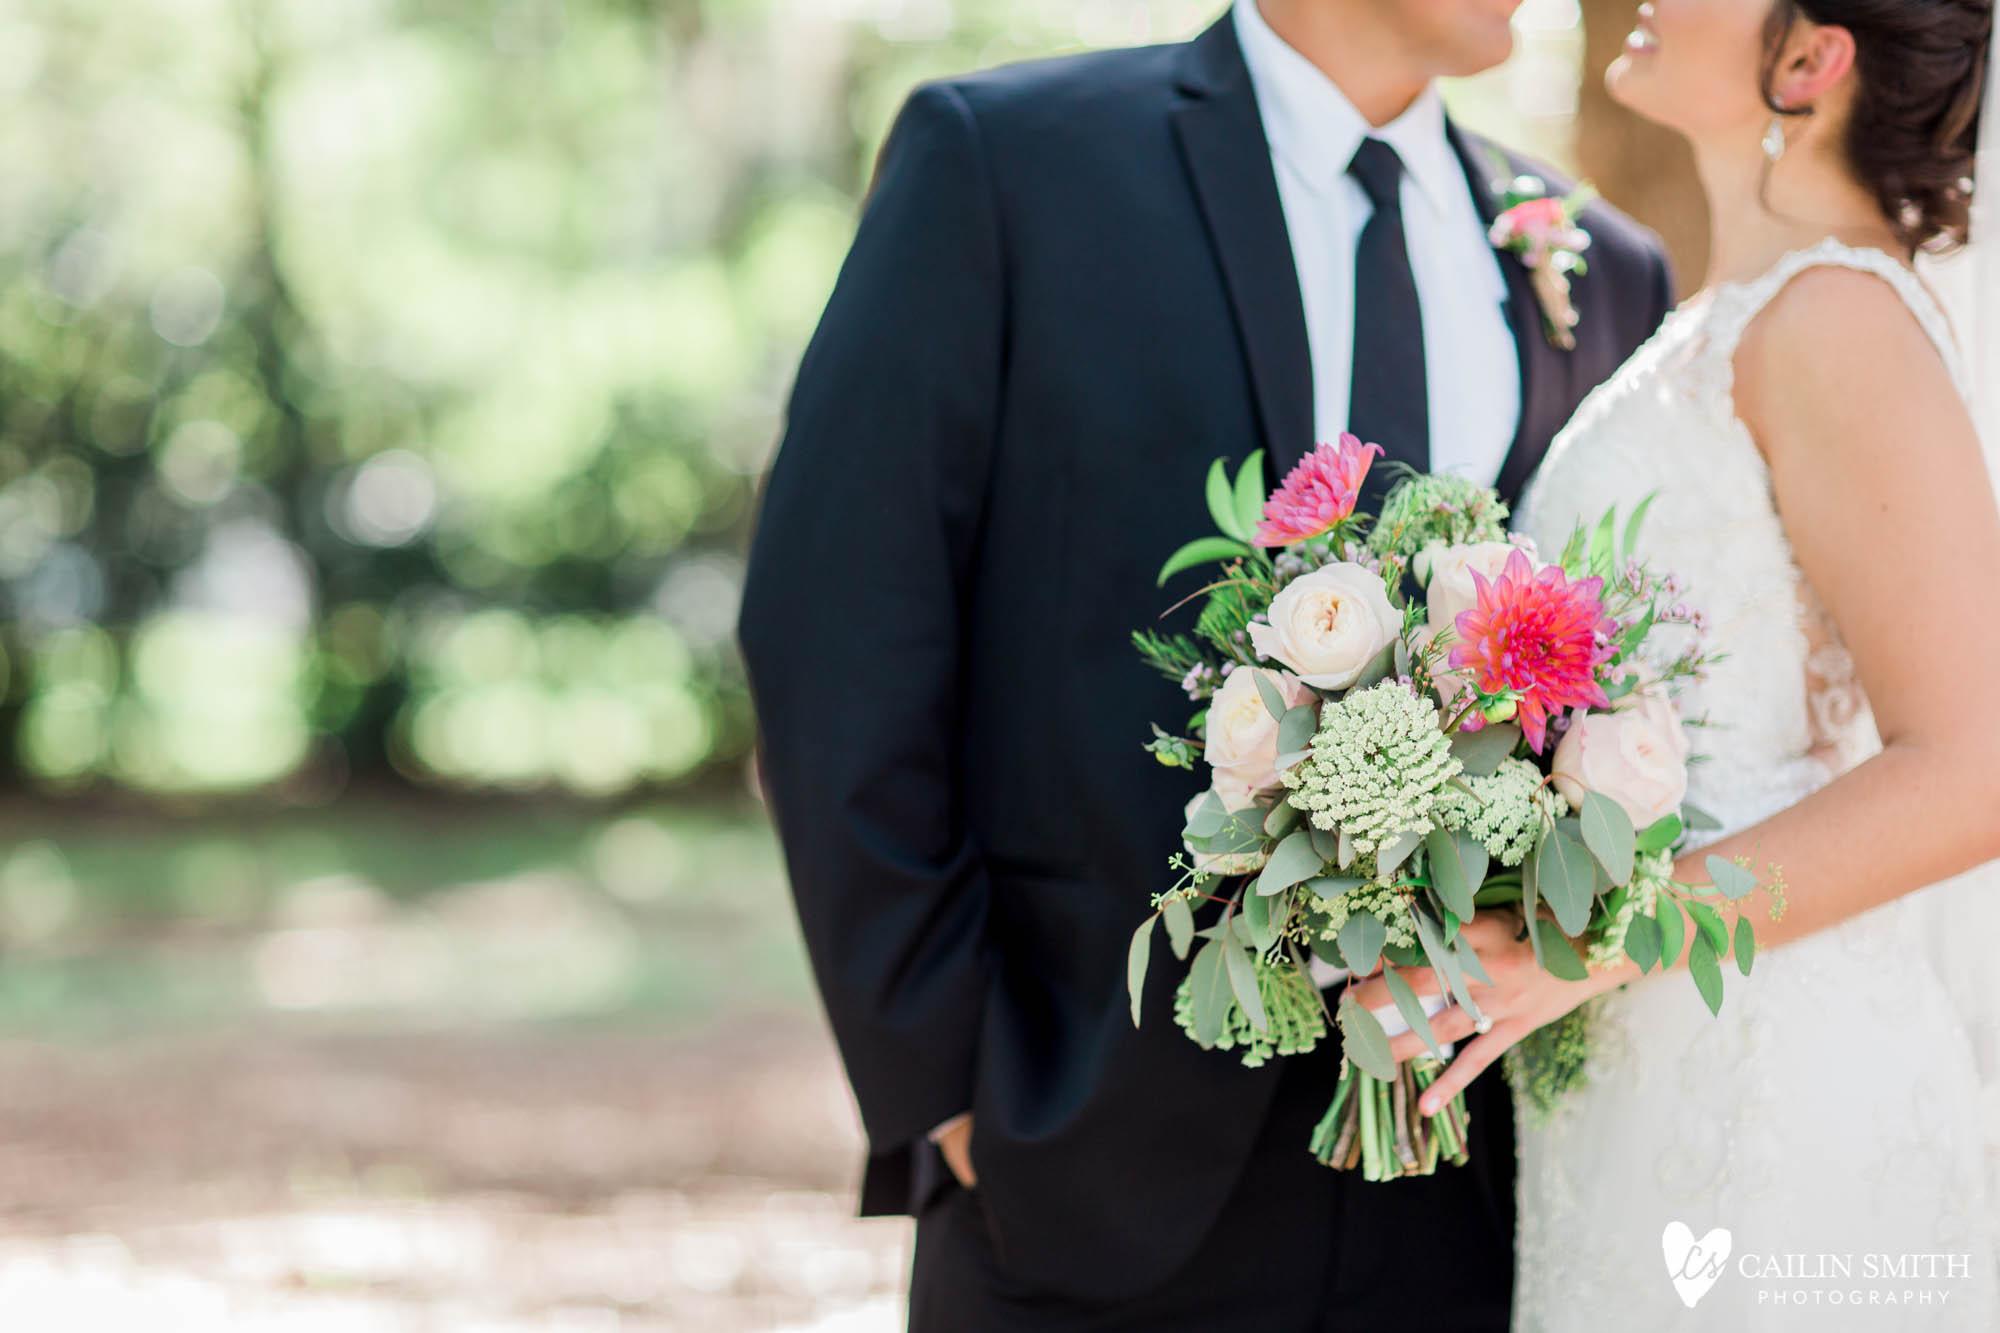 Bethany_Kyle_Bowing_Oaks_Plantation_Wedding_Photography_0051.jpg